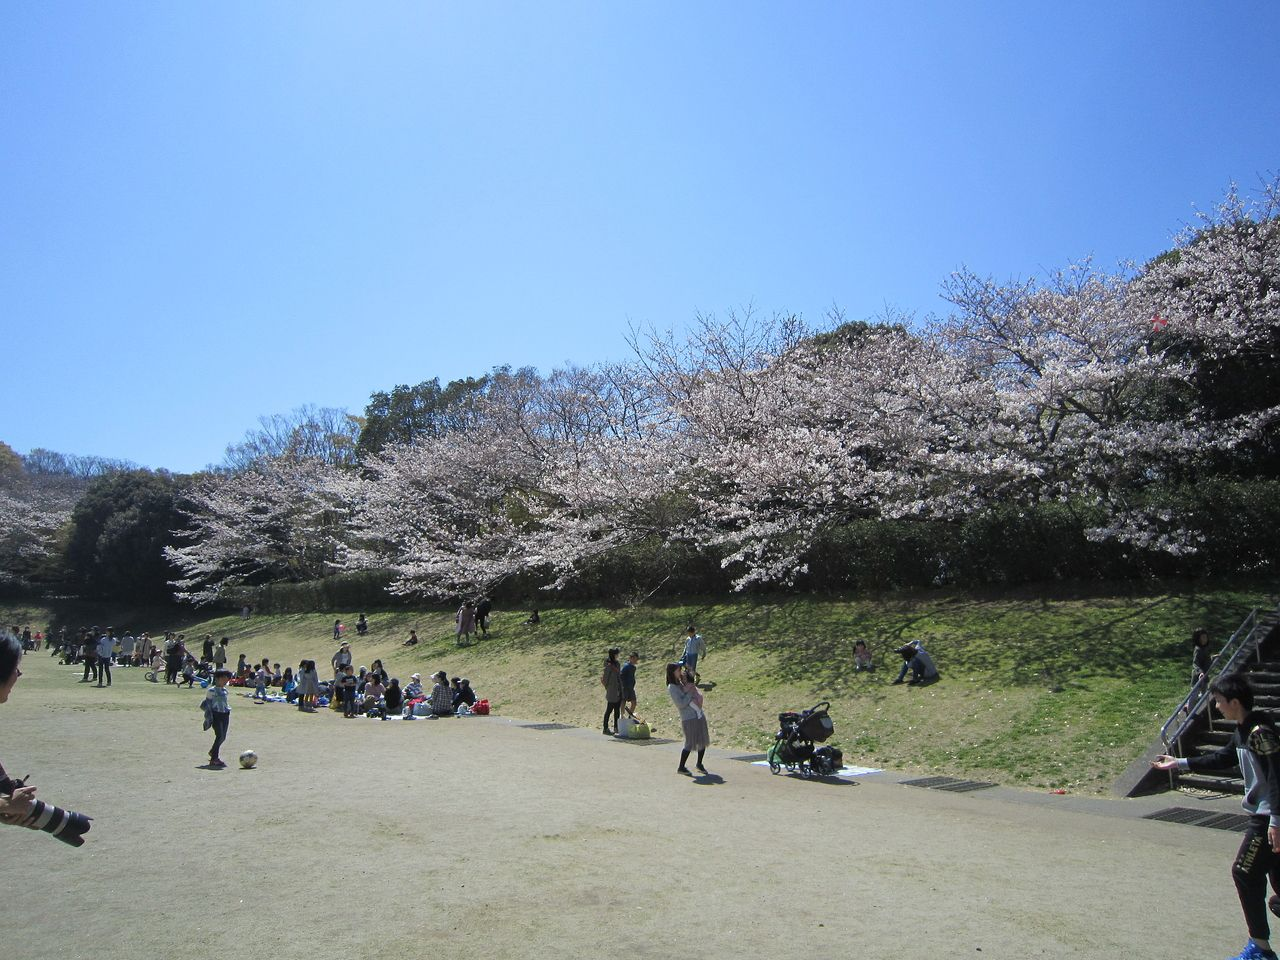 静岡県立大学芝生園地の桜が満開に咲き乱れて、たくさんのお花見客が楽しんでいます。